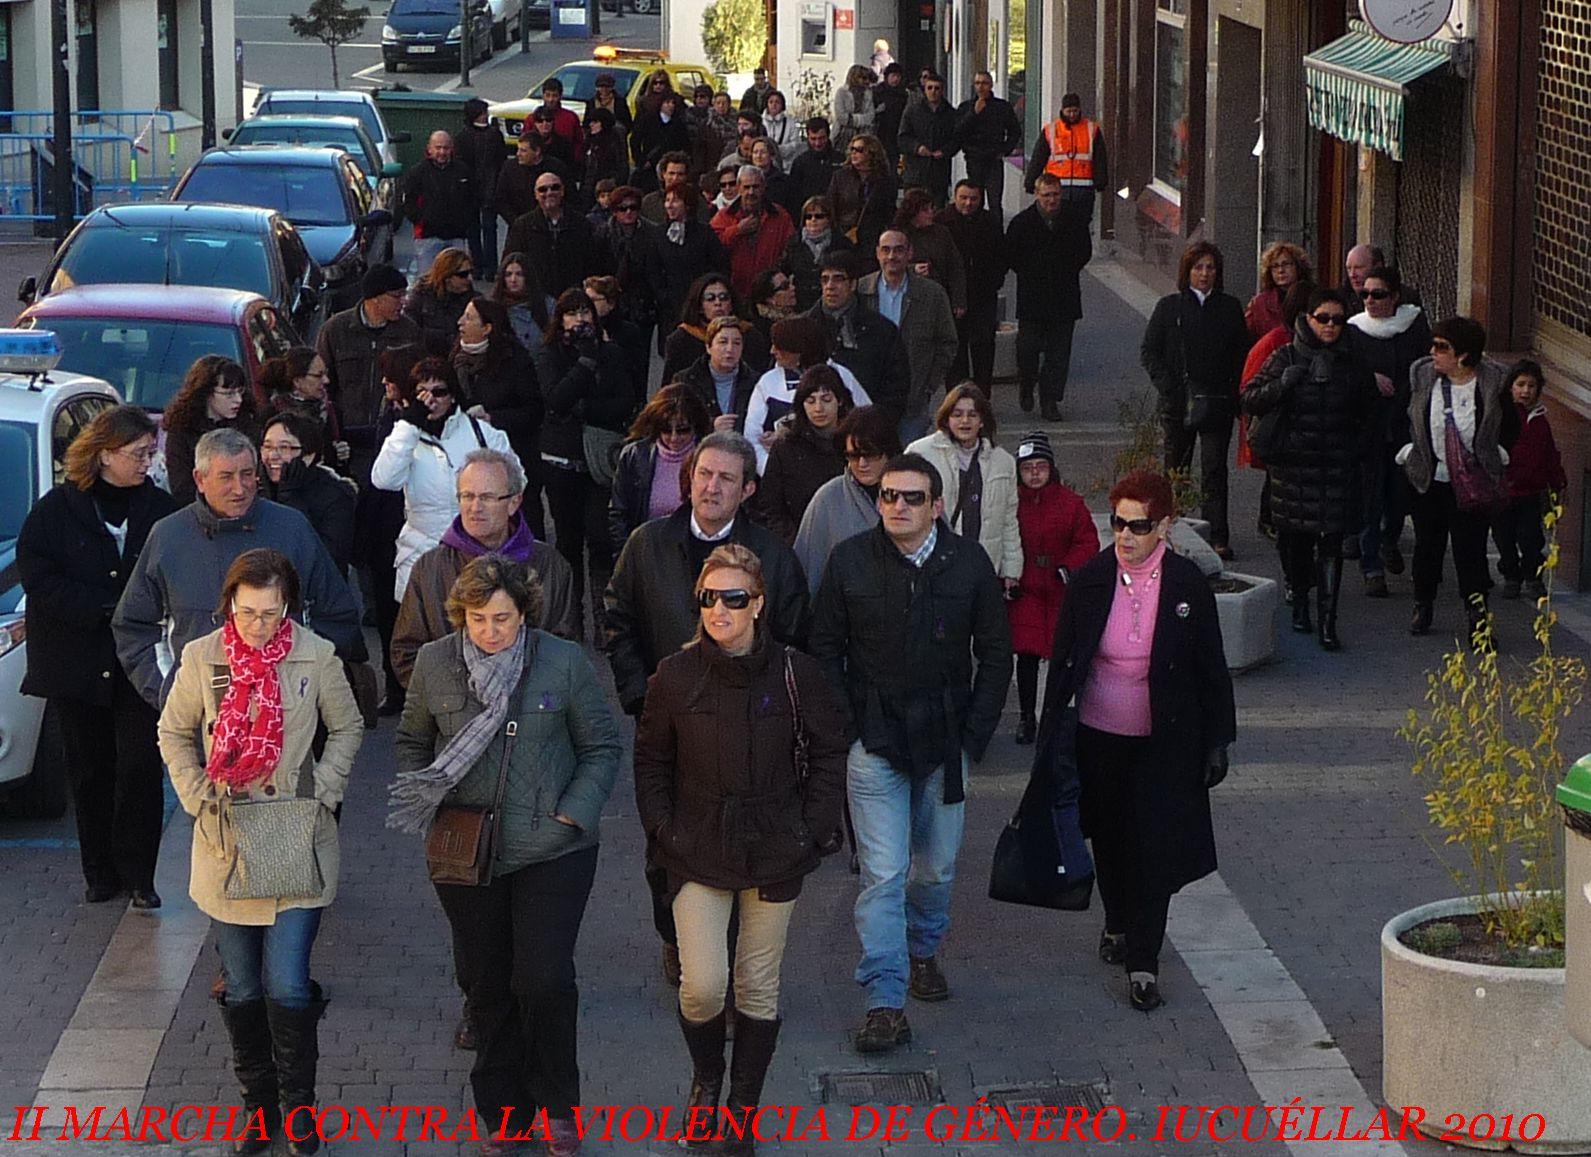 II Marcha contra la violencia de género en Cuéllar